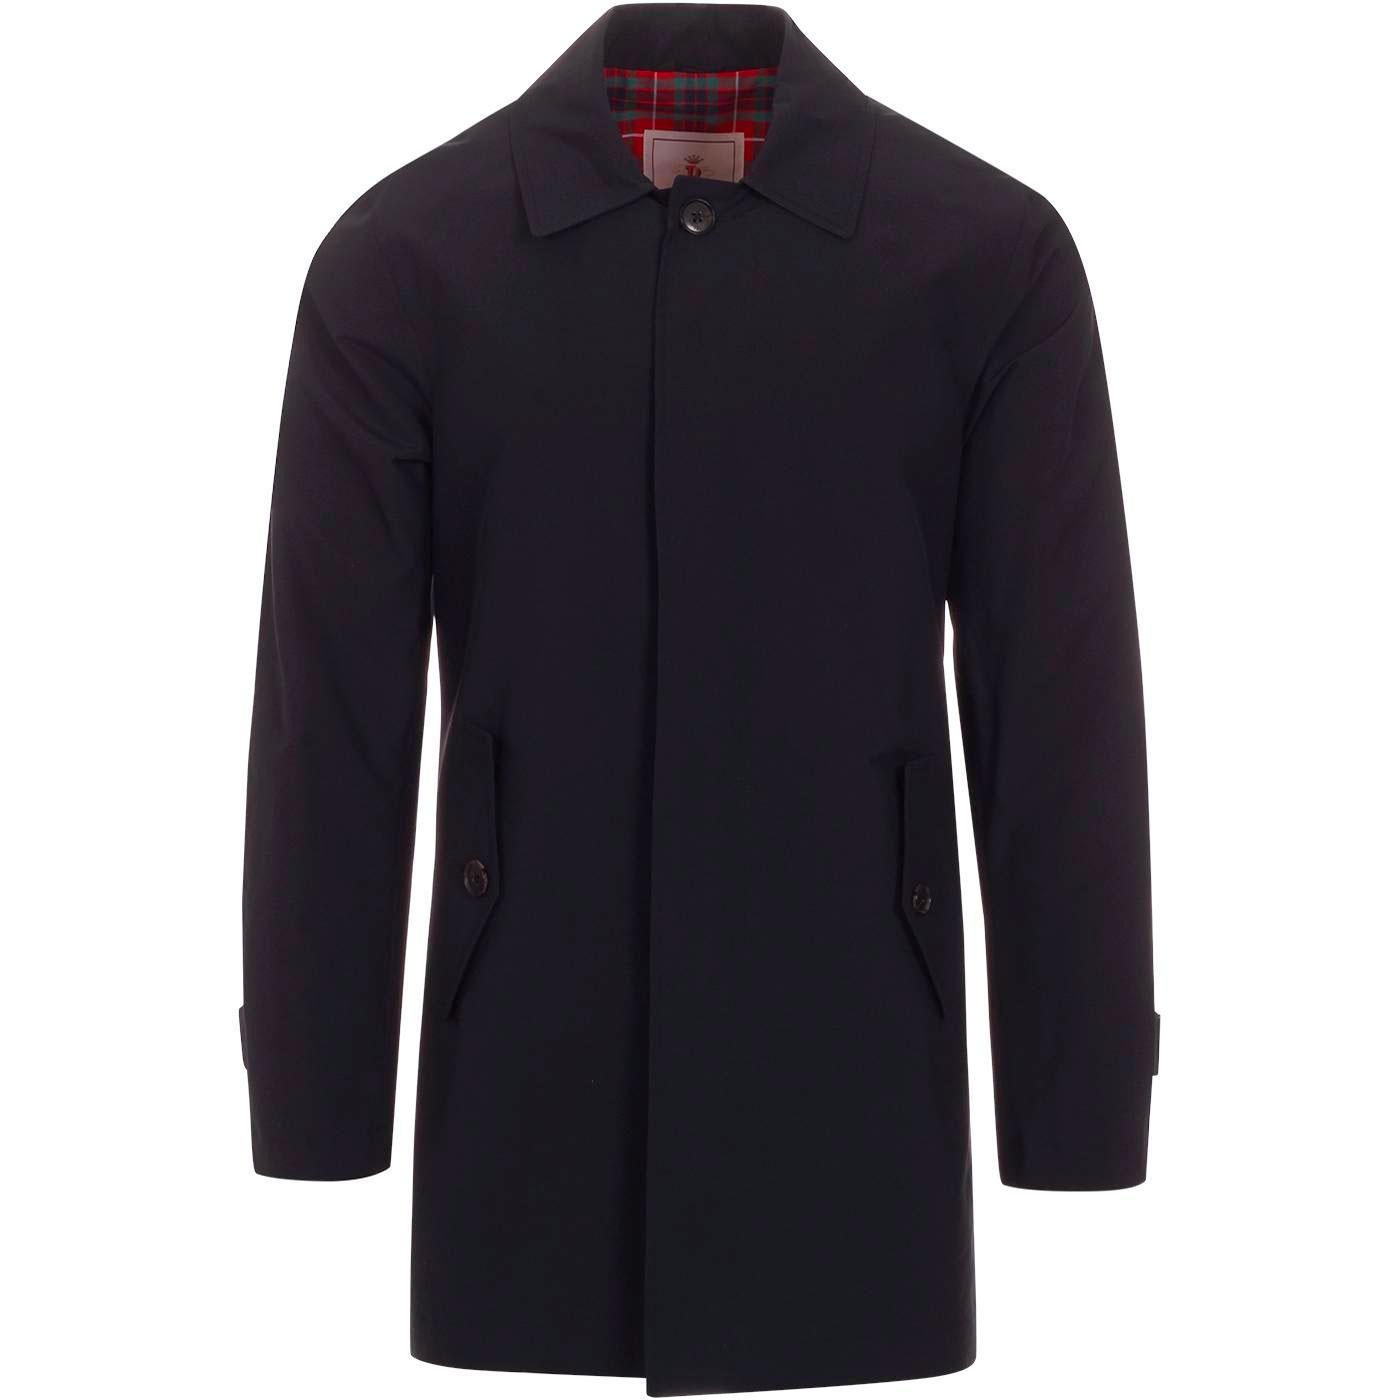 BARACUTA Made in England G10 Raincoat (Dark Navy)